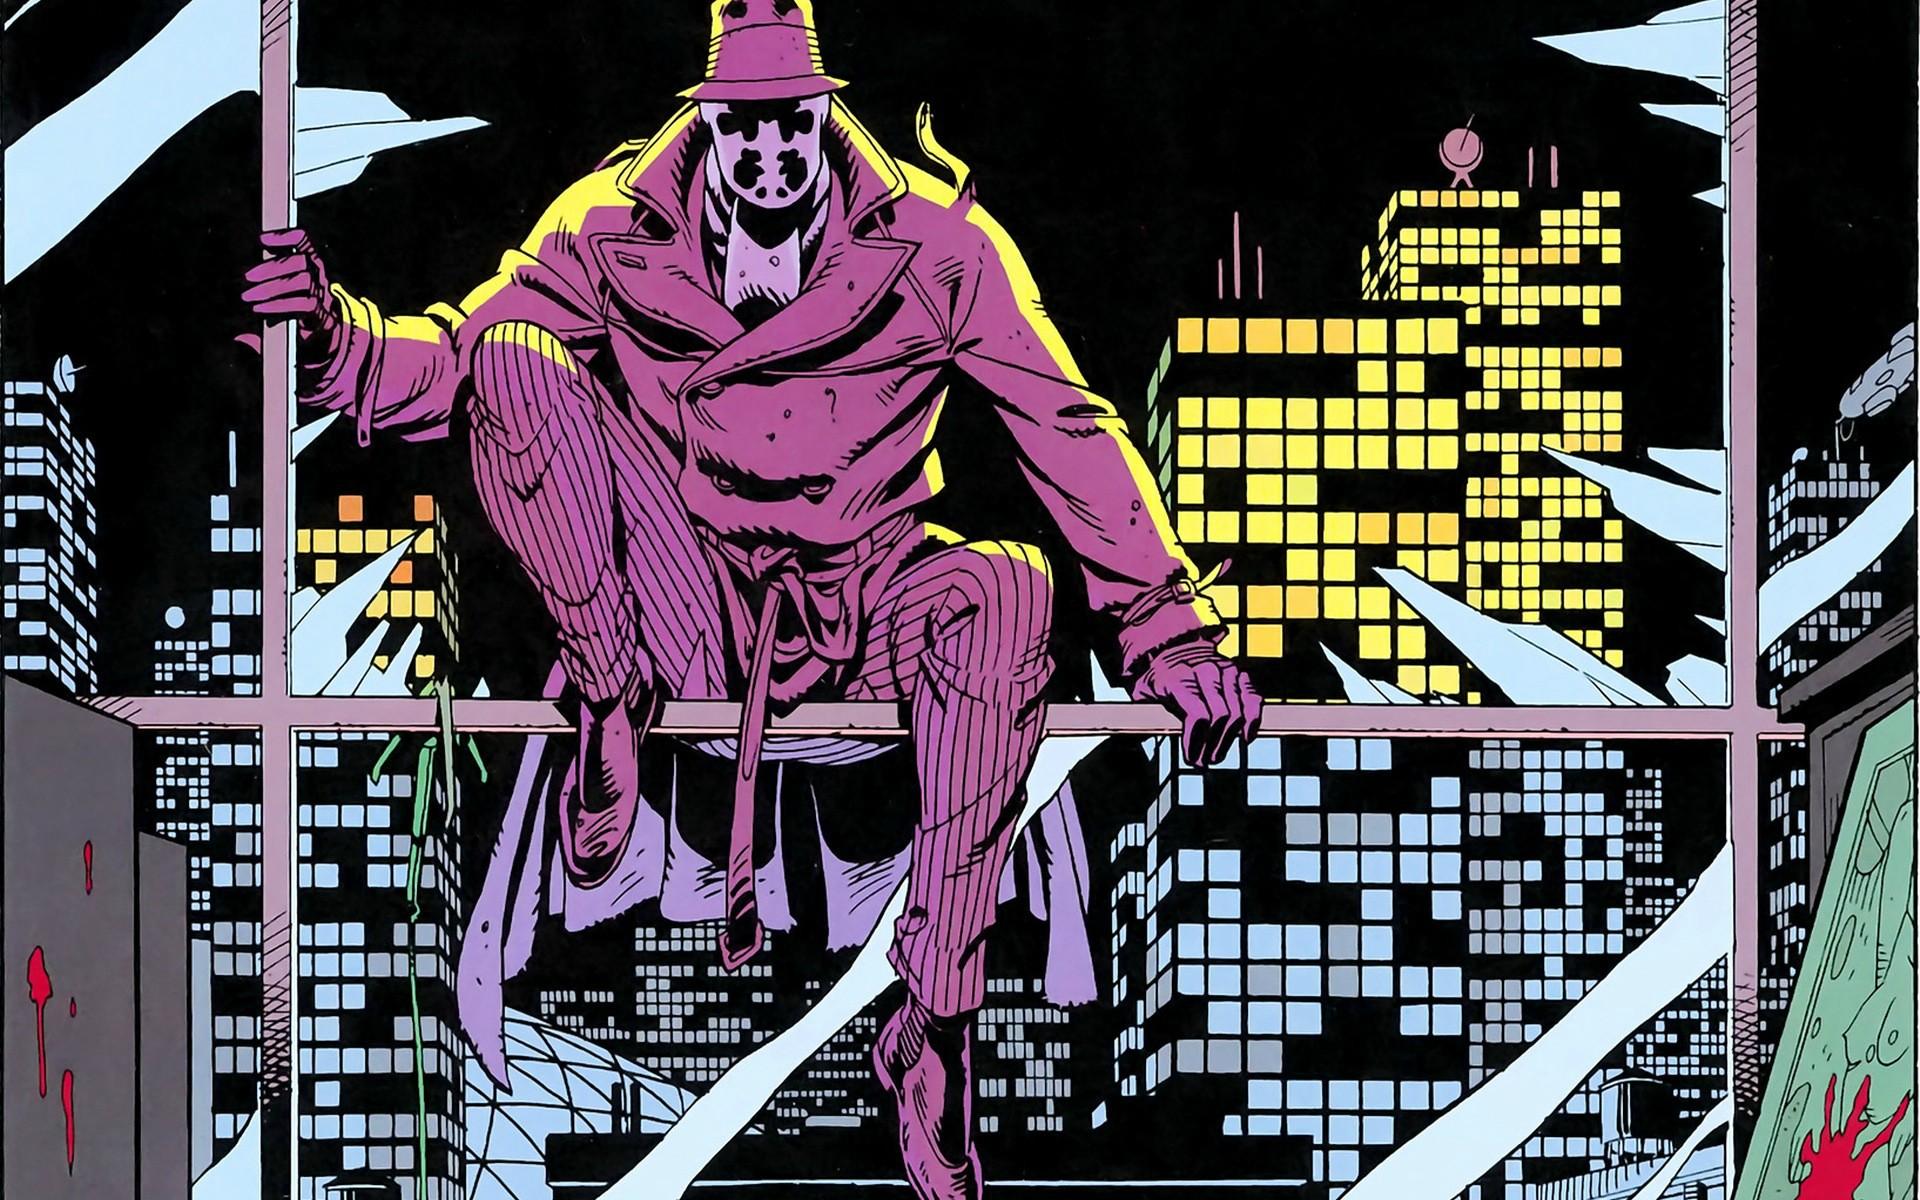 The Watchmen Wallpaper Gmvx4kh Rorschach Watchmen 3075690 Hd Wallpaper Backgrounds Download